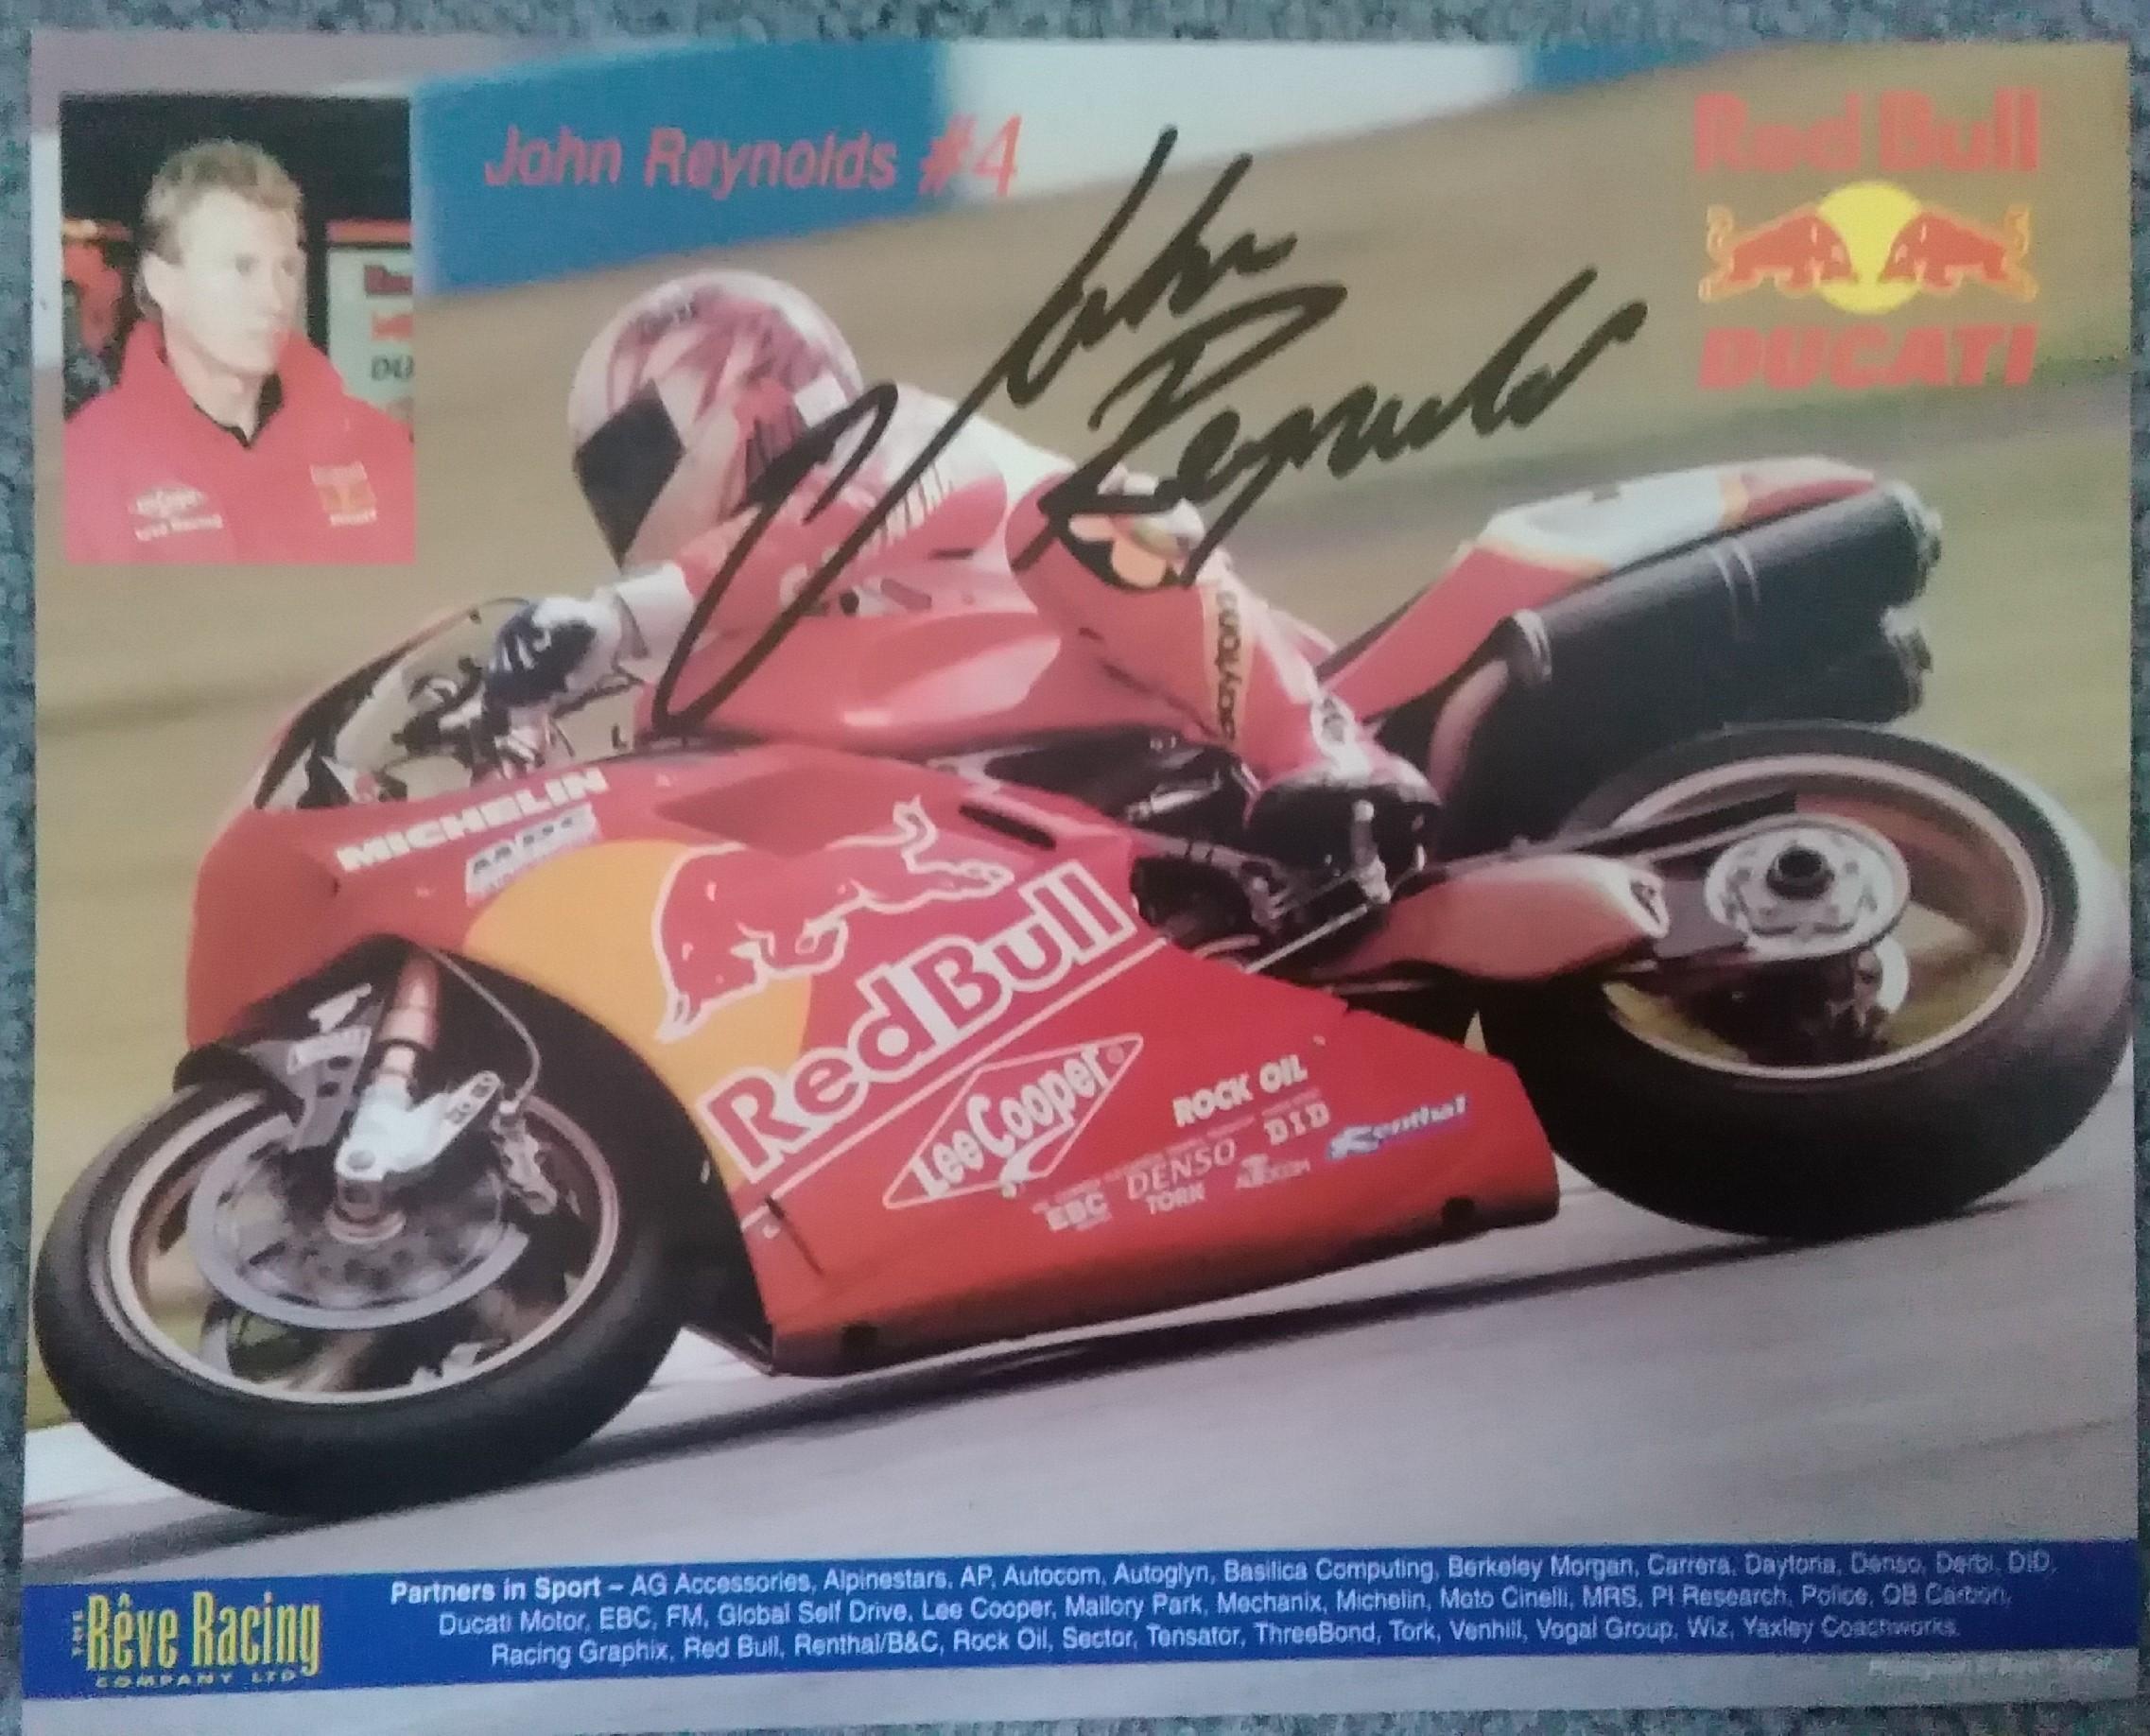 John Reynolds-Red Bull Ducati-Signed